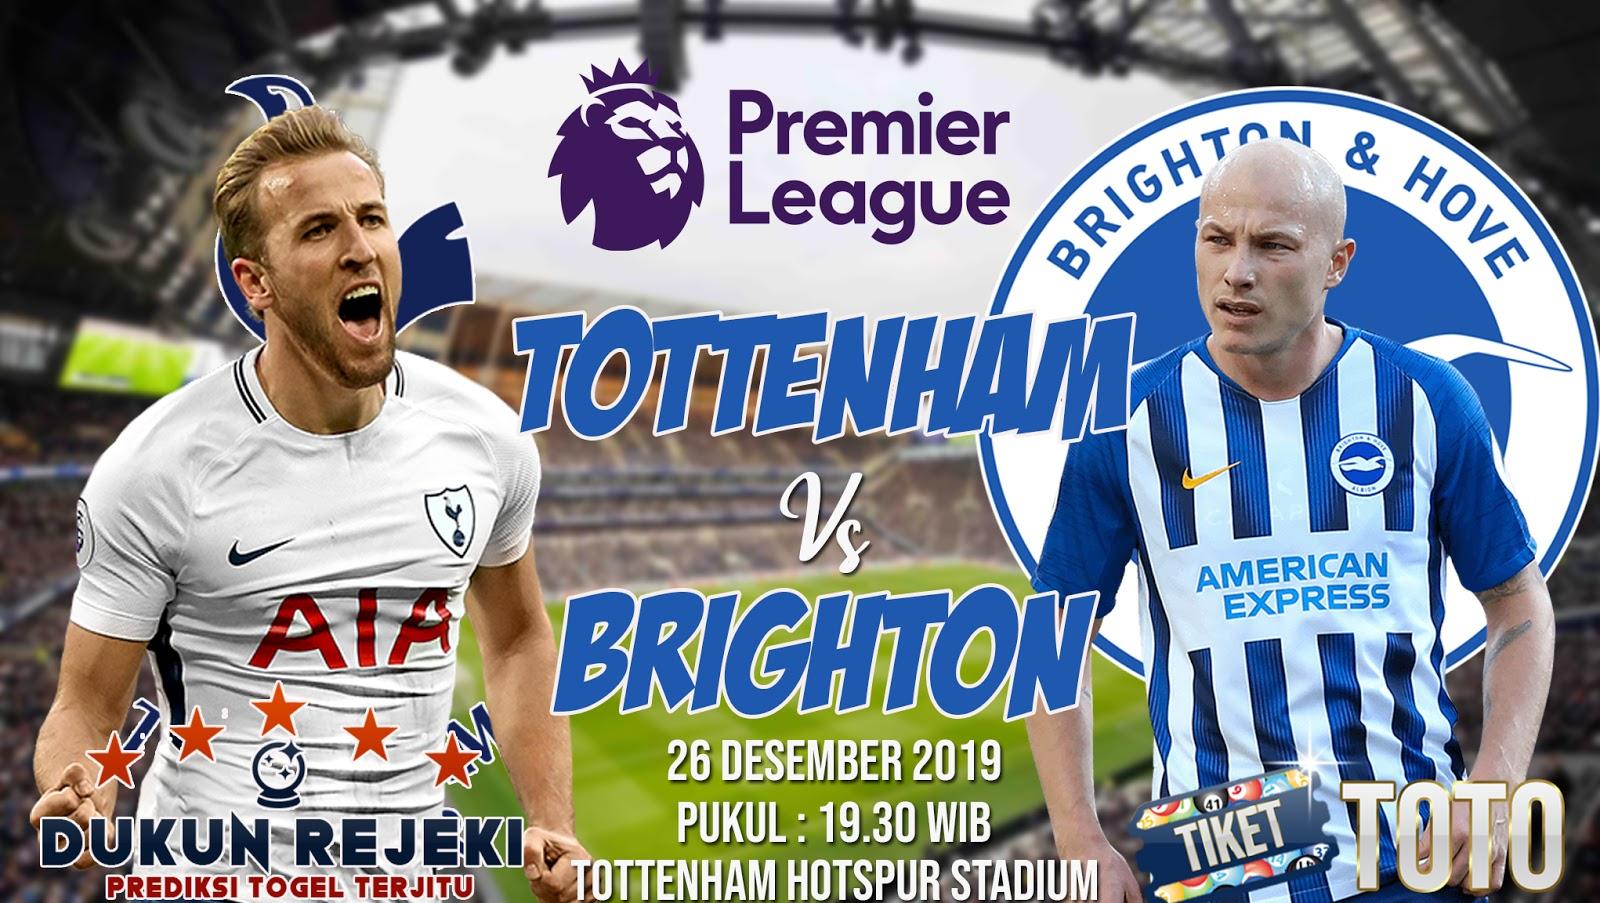 Prediksi Tottenham Hotspur vs Brighton 26 Desember 2019